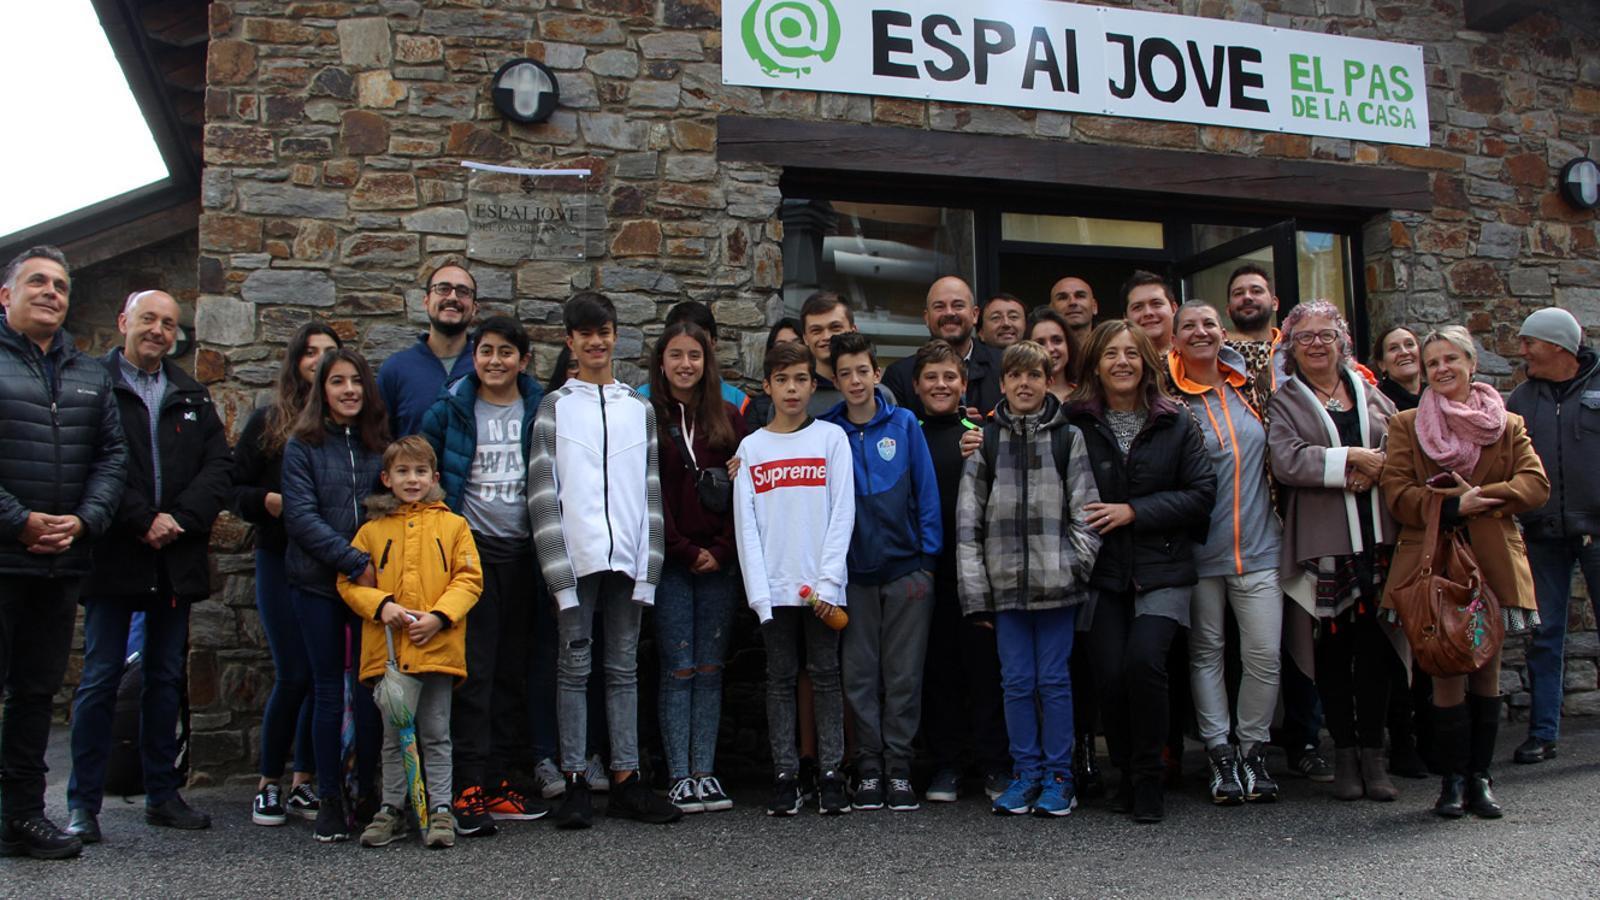 Inauguració de l'Espai Jove del Pas de la Casa. / M. M. (ANA)